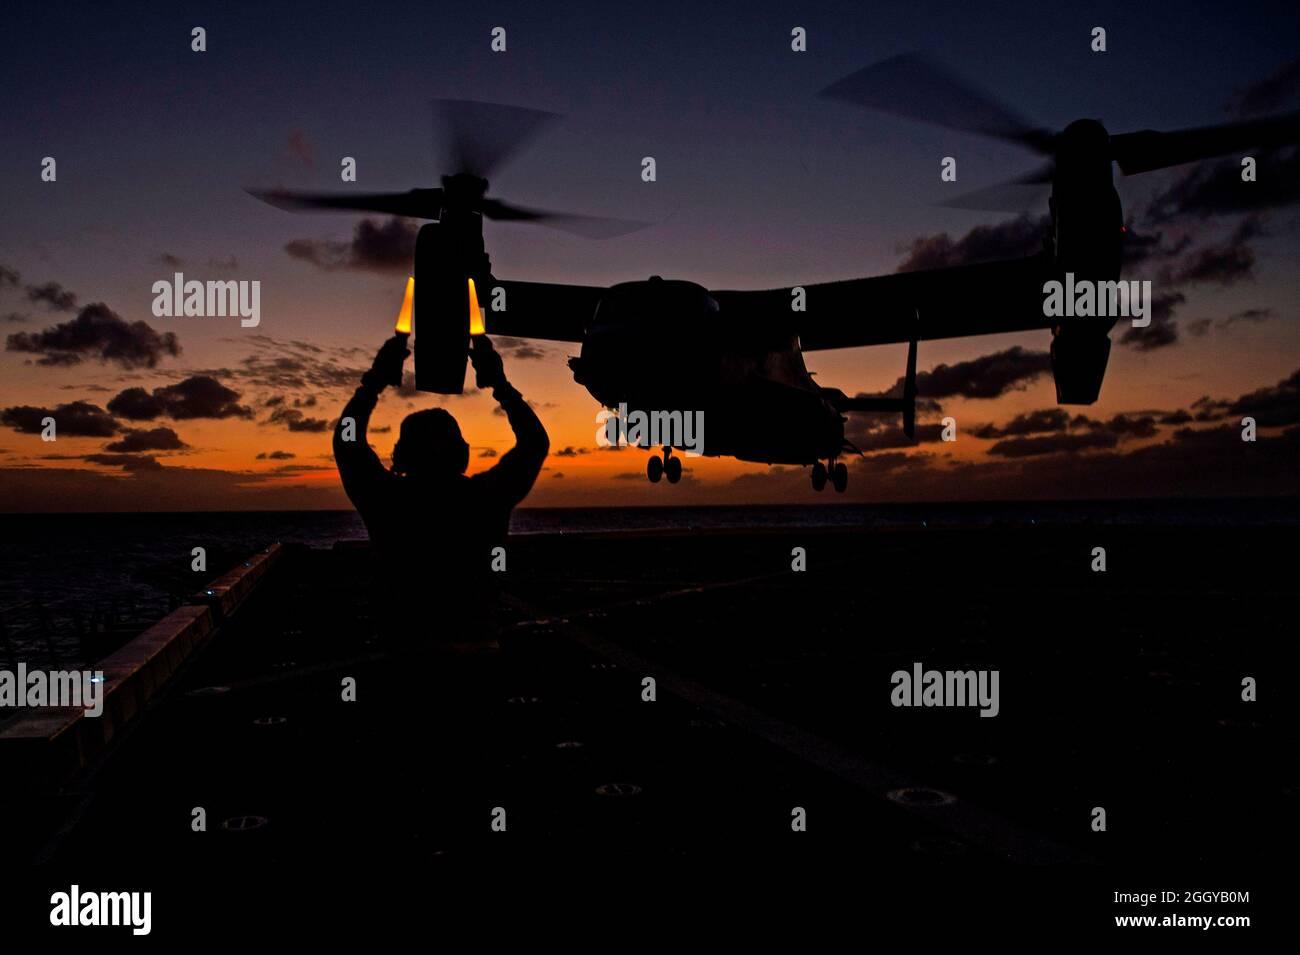 MAR FILIPINAS (18 de marzo de 2020) – Aviation Boatswain's Mate (Handling) 3rd Class Deon Sanders, del Bronx, N.Y., asignado al buque de transporte anfibio USS Green Bay (LPD 20), clase San Antonio, señala a un MV-22 Osprey asignado al buque de asalto anfibio USS America (LHA 6) cuando se despida de la cubierta de vuelo. Green Bay, parte del equipo de la Unidad Expedicionaria Marina del Grupo de Huelga Expedicionaria de América 31st, está operando en el área de operaciones de la Flota de Estados Unidos 7th para mejorar la interoperabilidad con aliados y socios y servir como una fuerza de respuesta lista para defender la paz y la estabilidad en la región del Indo-Pacífico Foto de stock